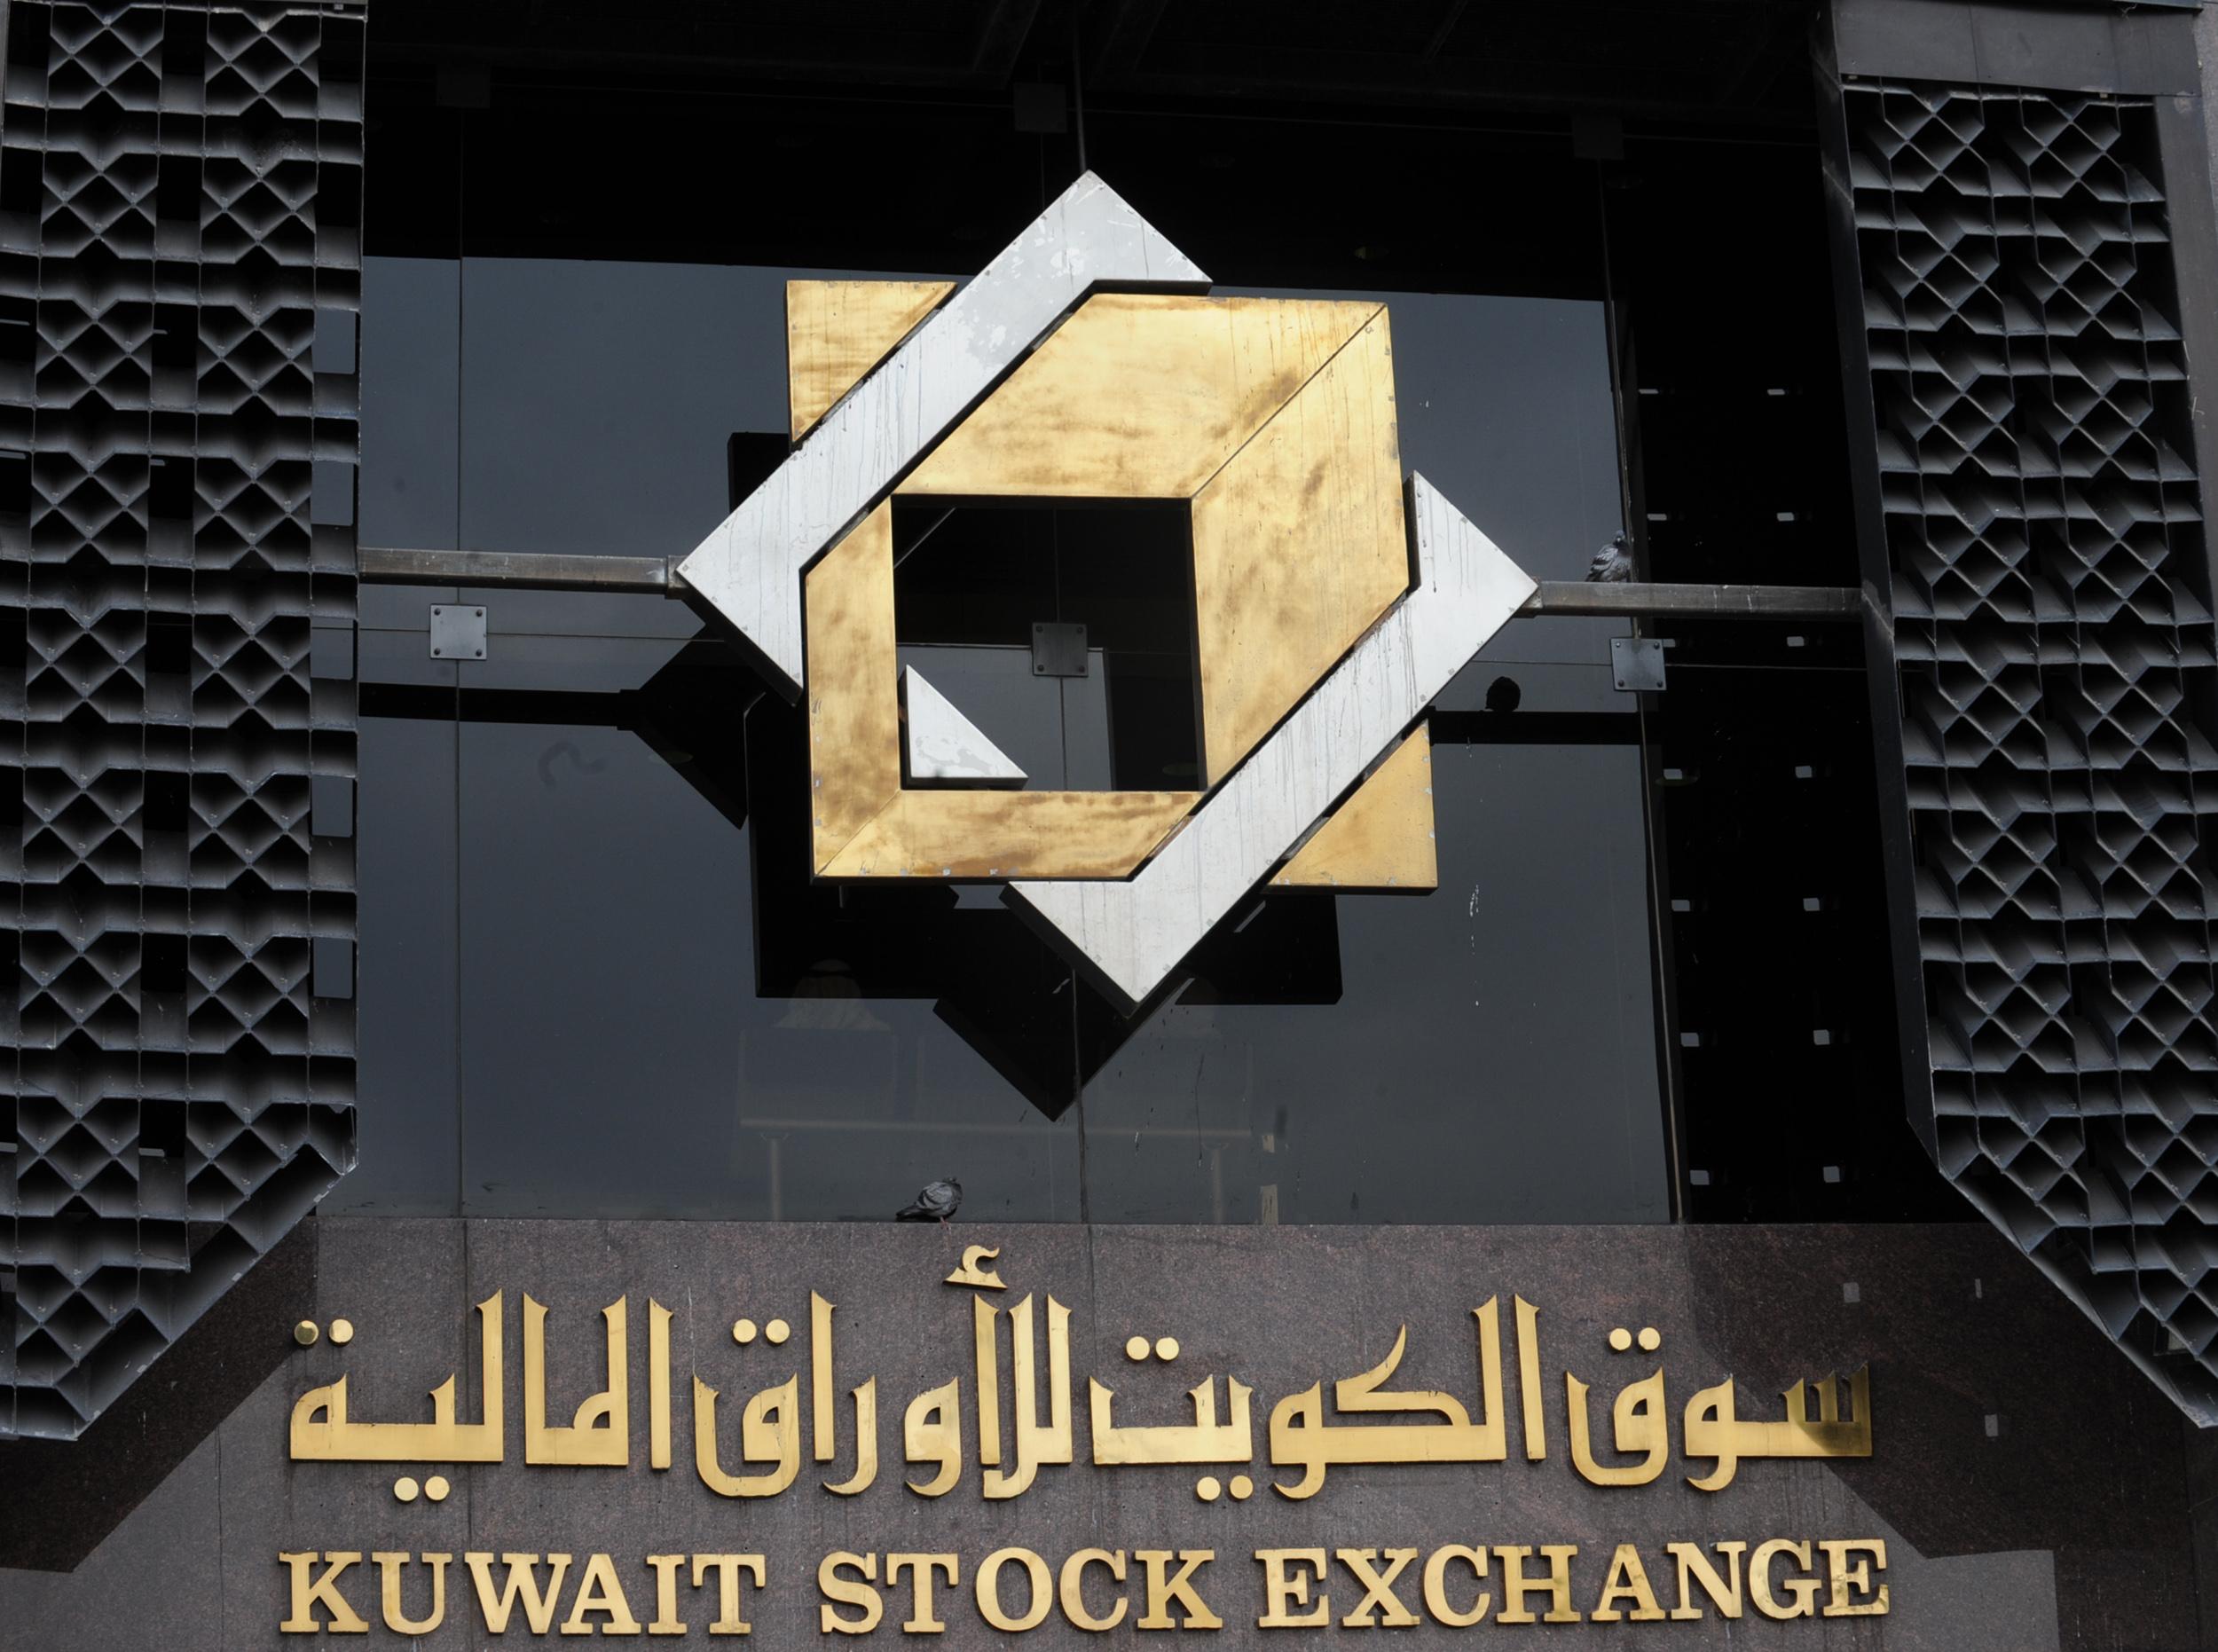 سوق الأوراق المالية في الكويت المرسال